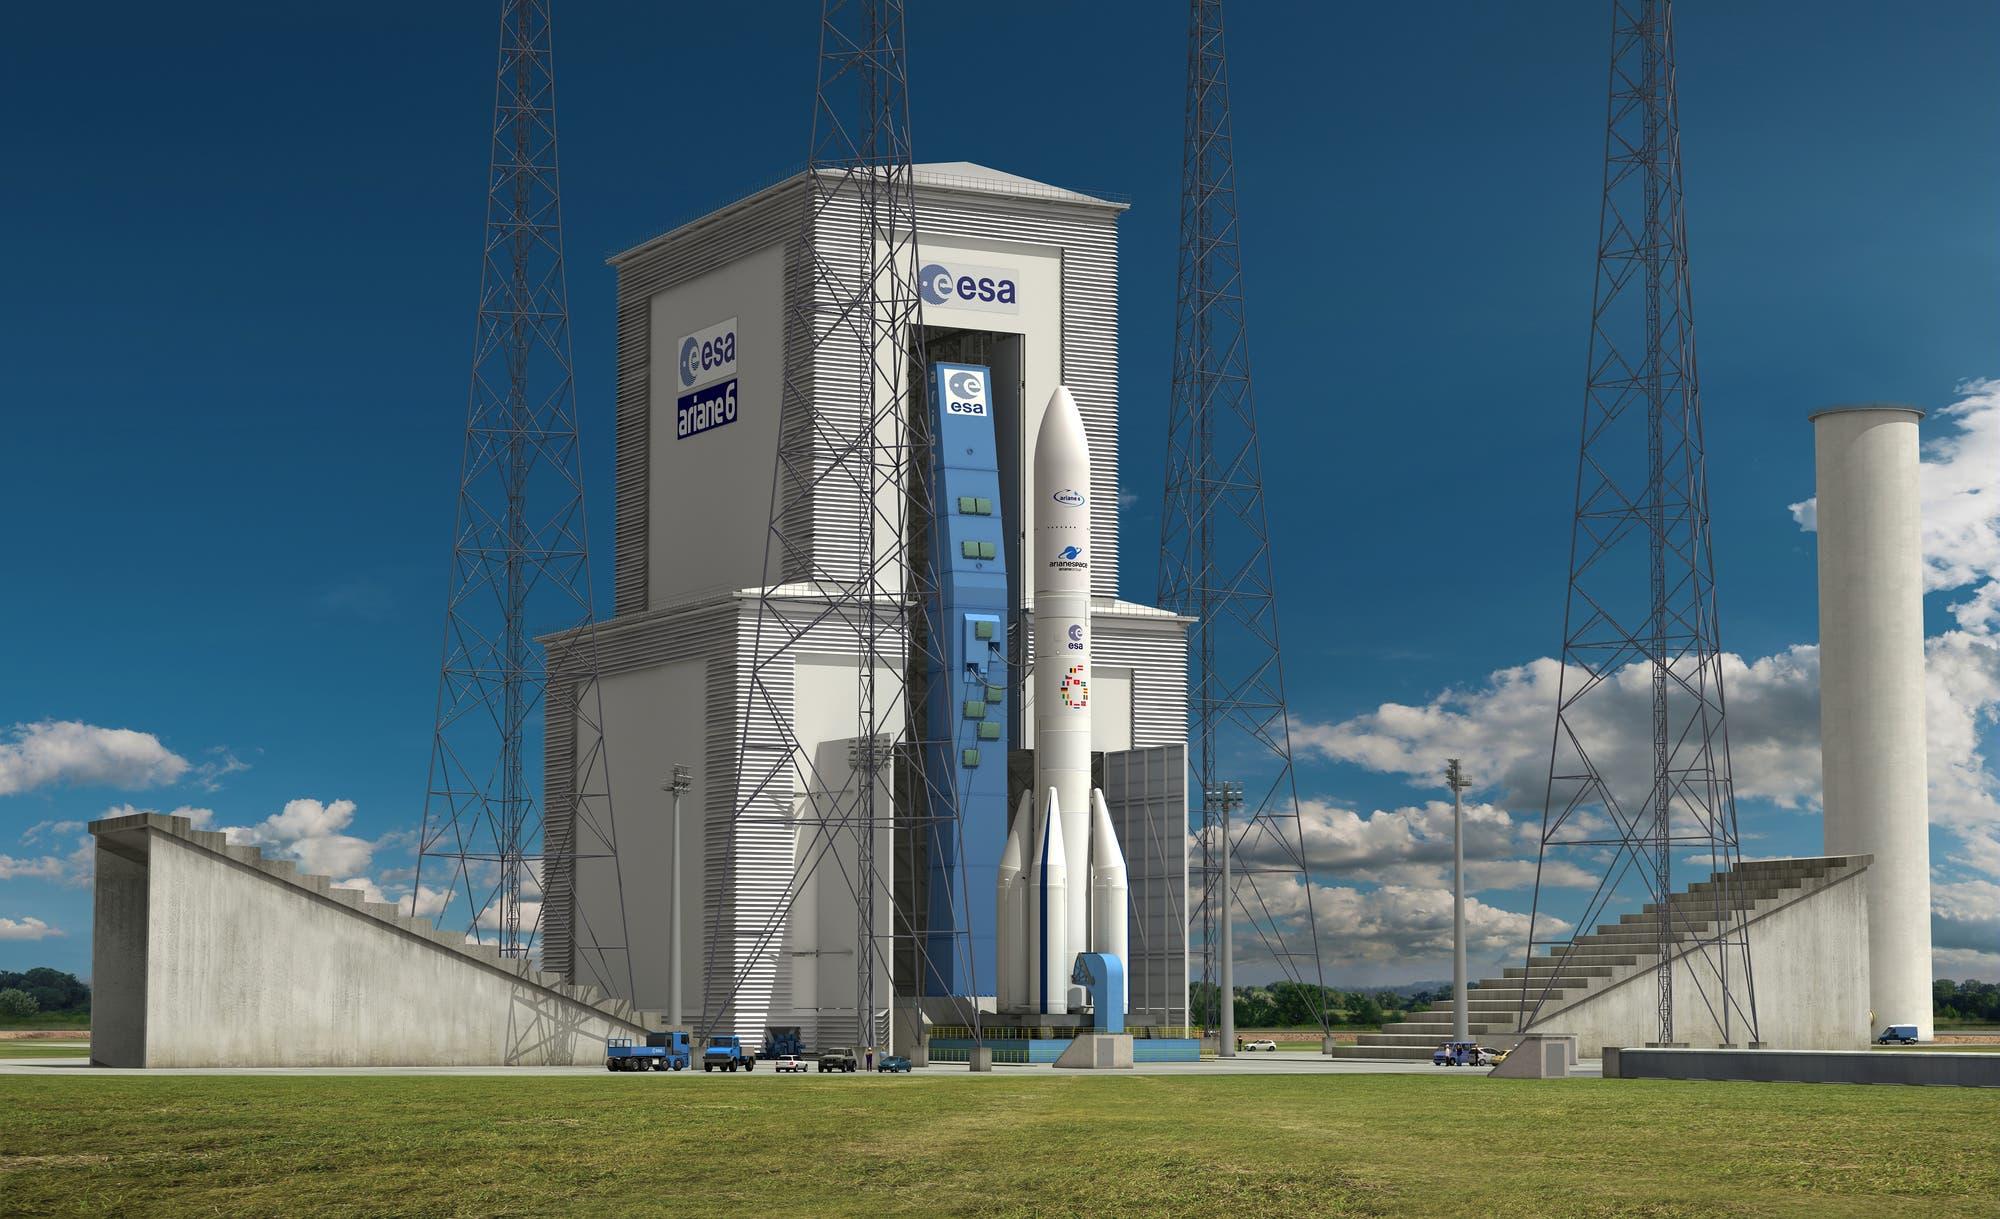 Die Ariane 6 soll ab dem Jahr 2021 die derzeitige Ariane 5 ablösen.